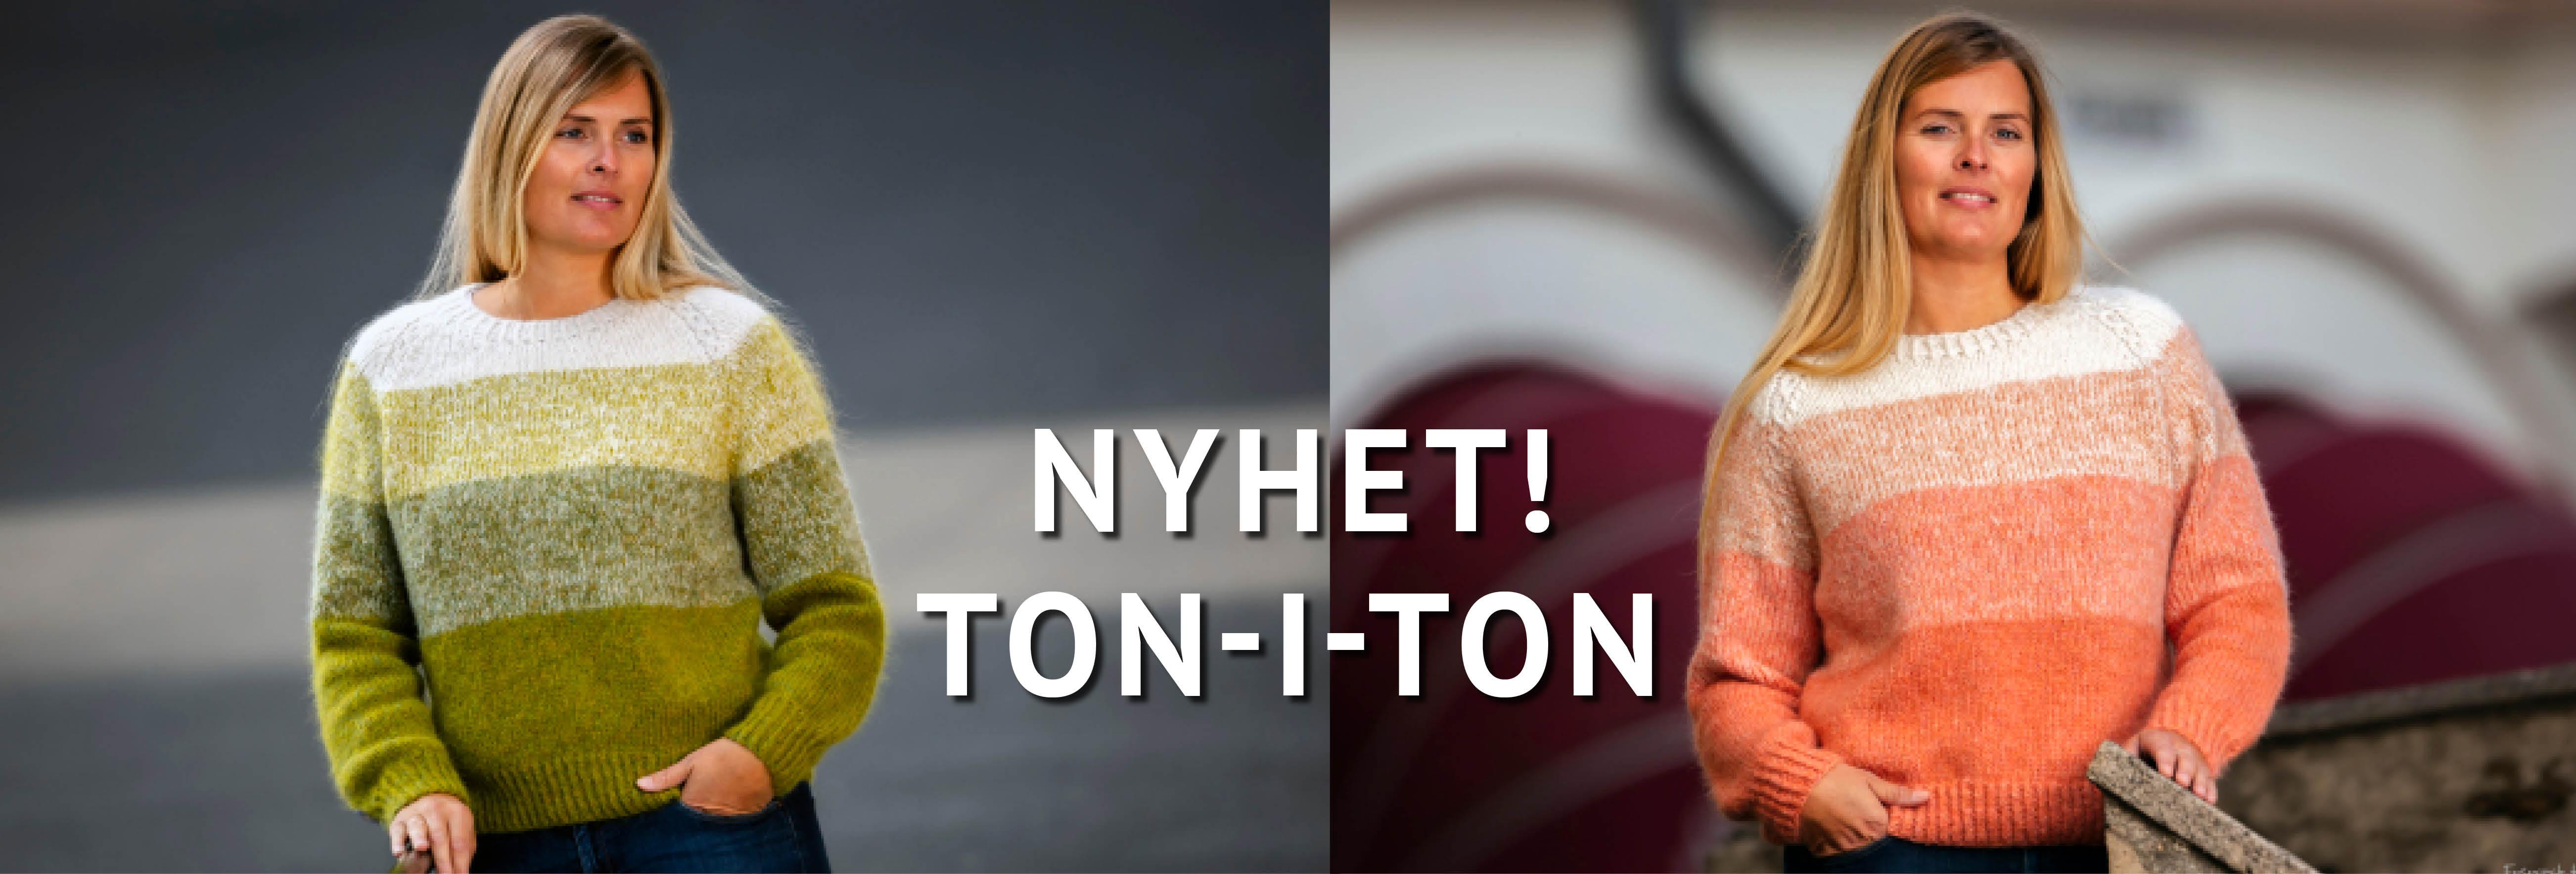 Toniton banner